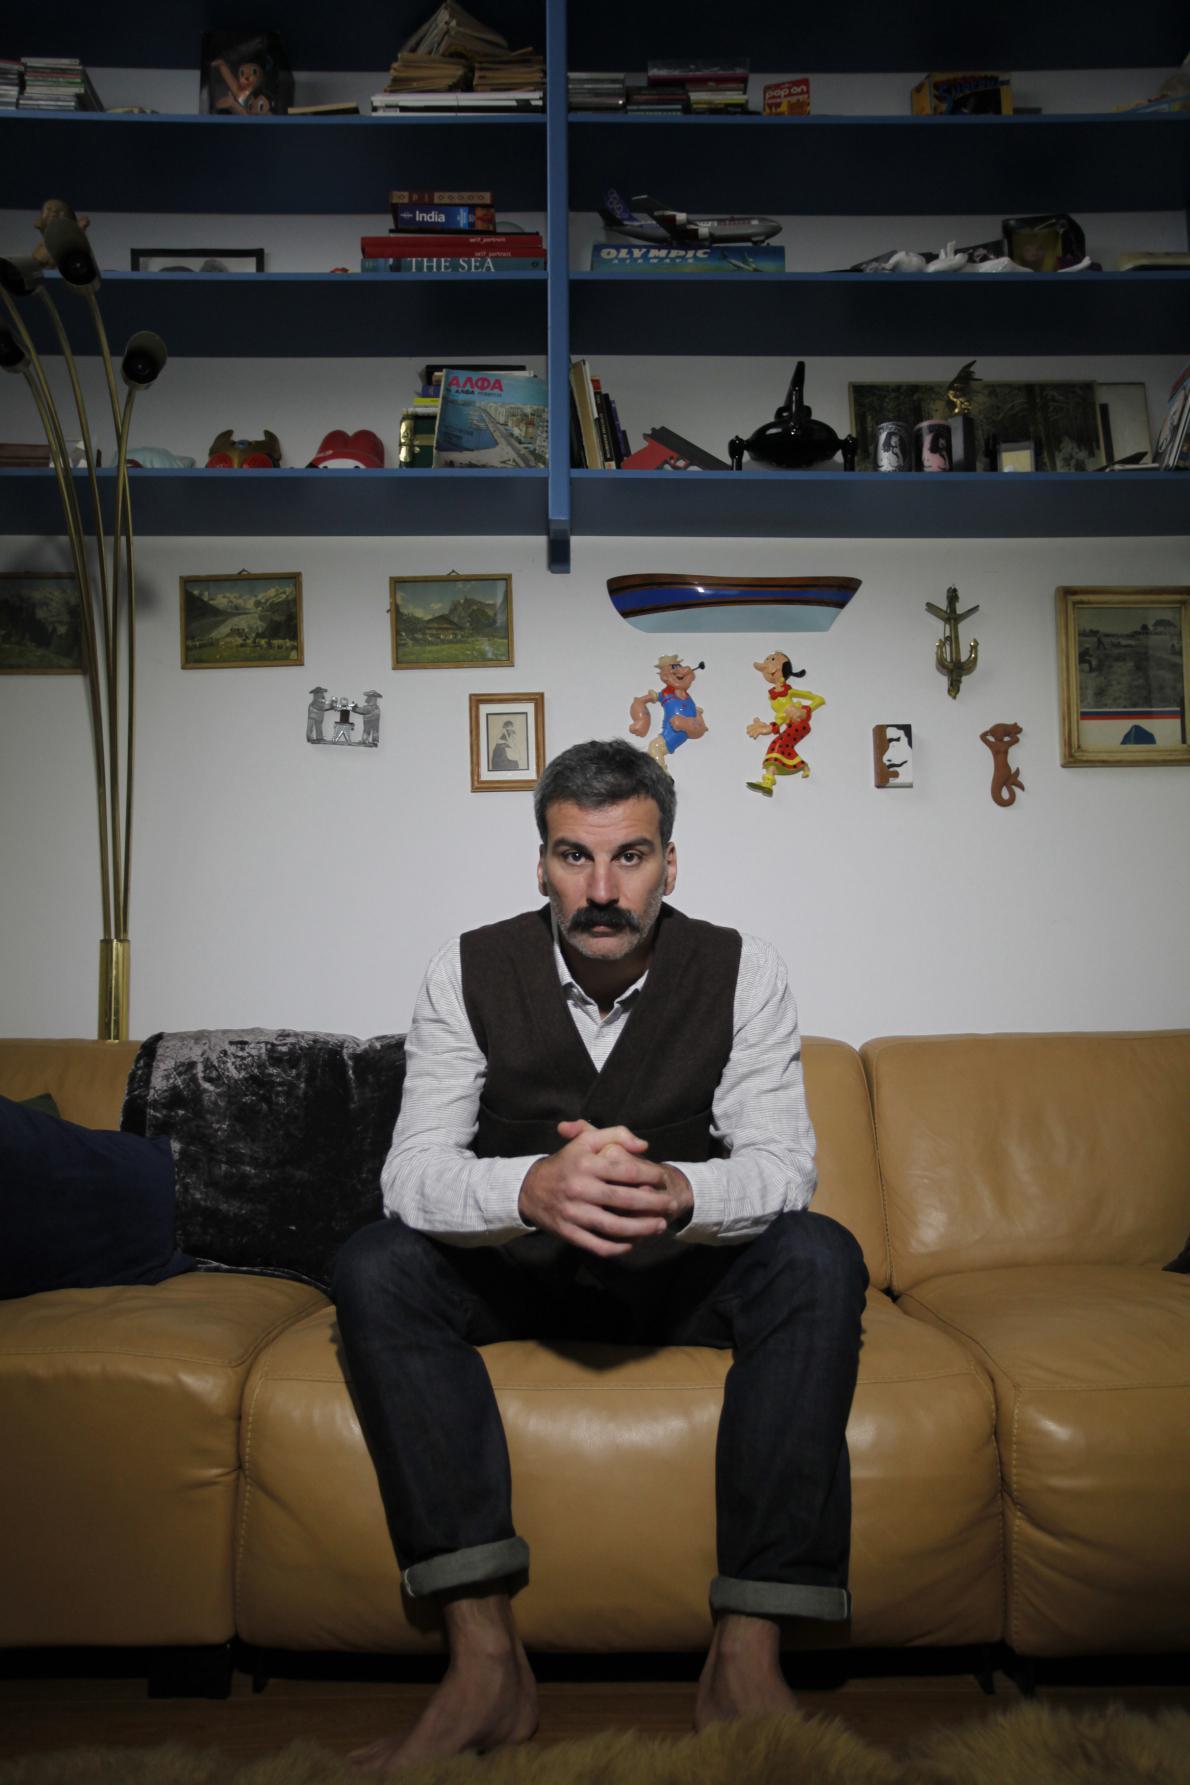 Ο Ειρηναίος στο σαλόνι του σπιτιού του, στον Κεραμεικό.